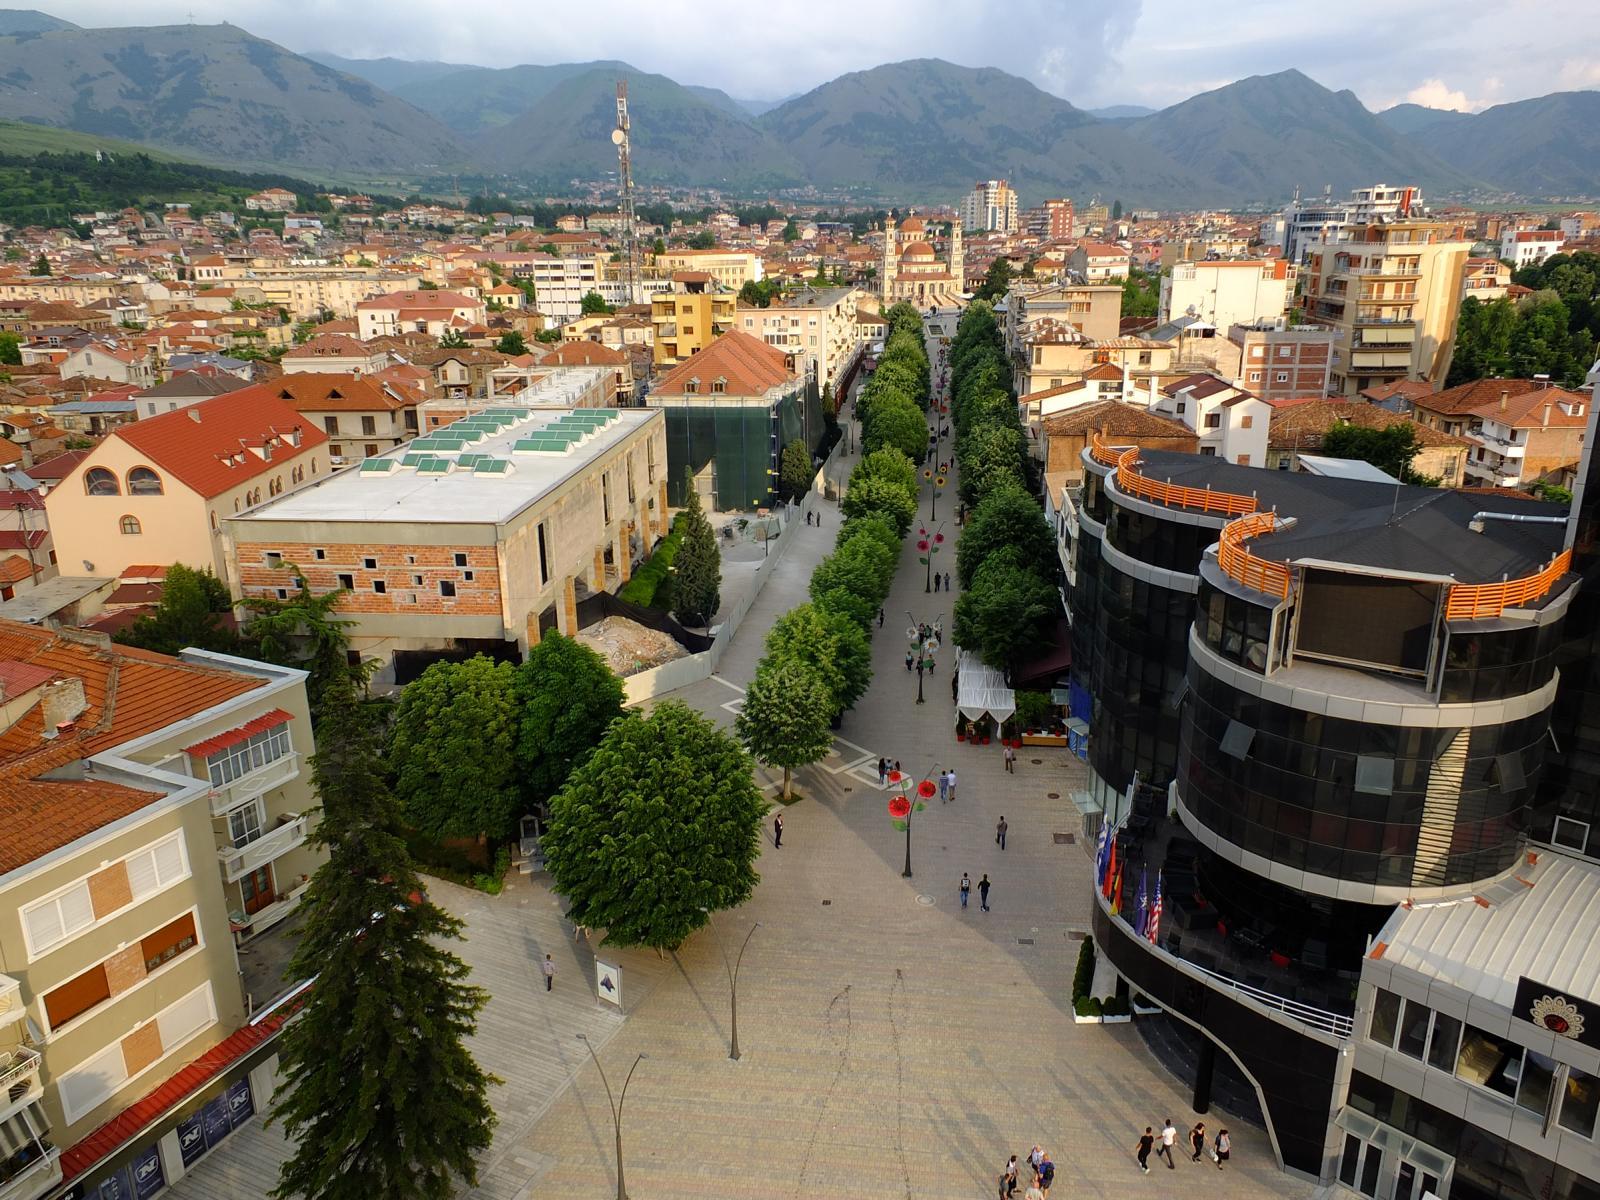 albanien urlaub kultur und natur mit lupe reisen erleben. Black Bedroom Furniture Sets. Home Design Ideas